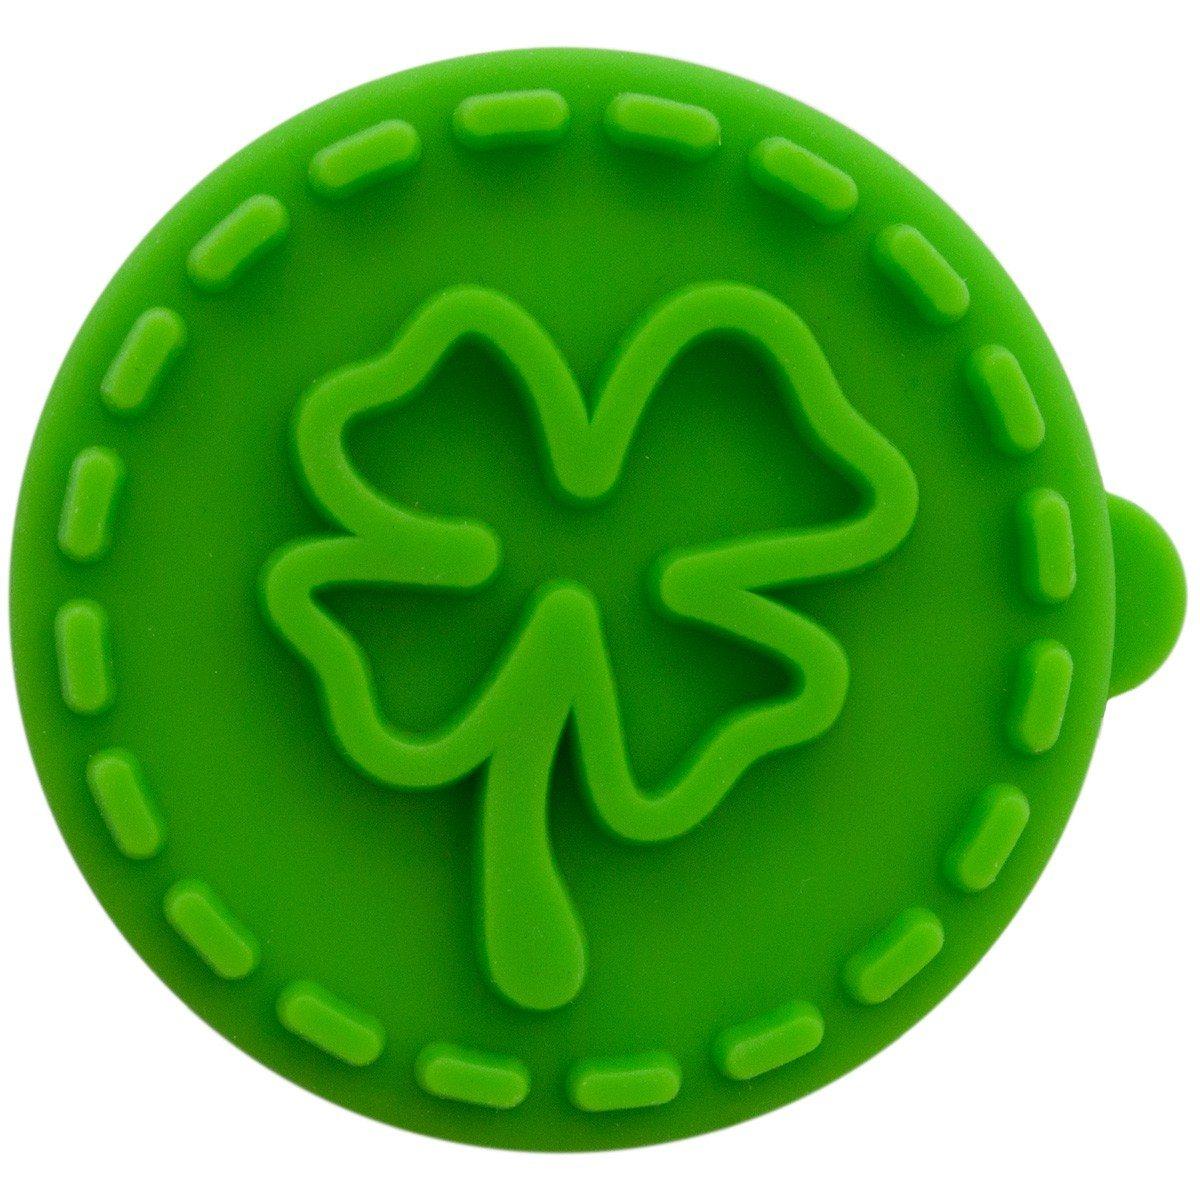 Mini koekjes stempel voor geluk